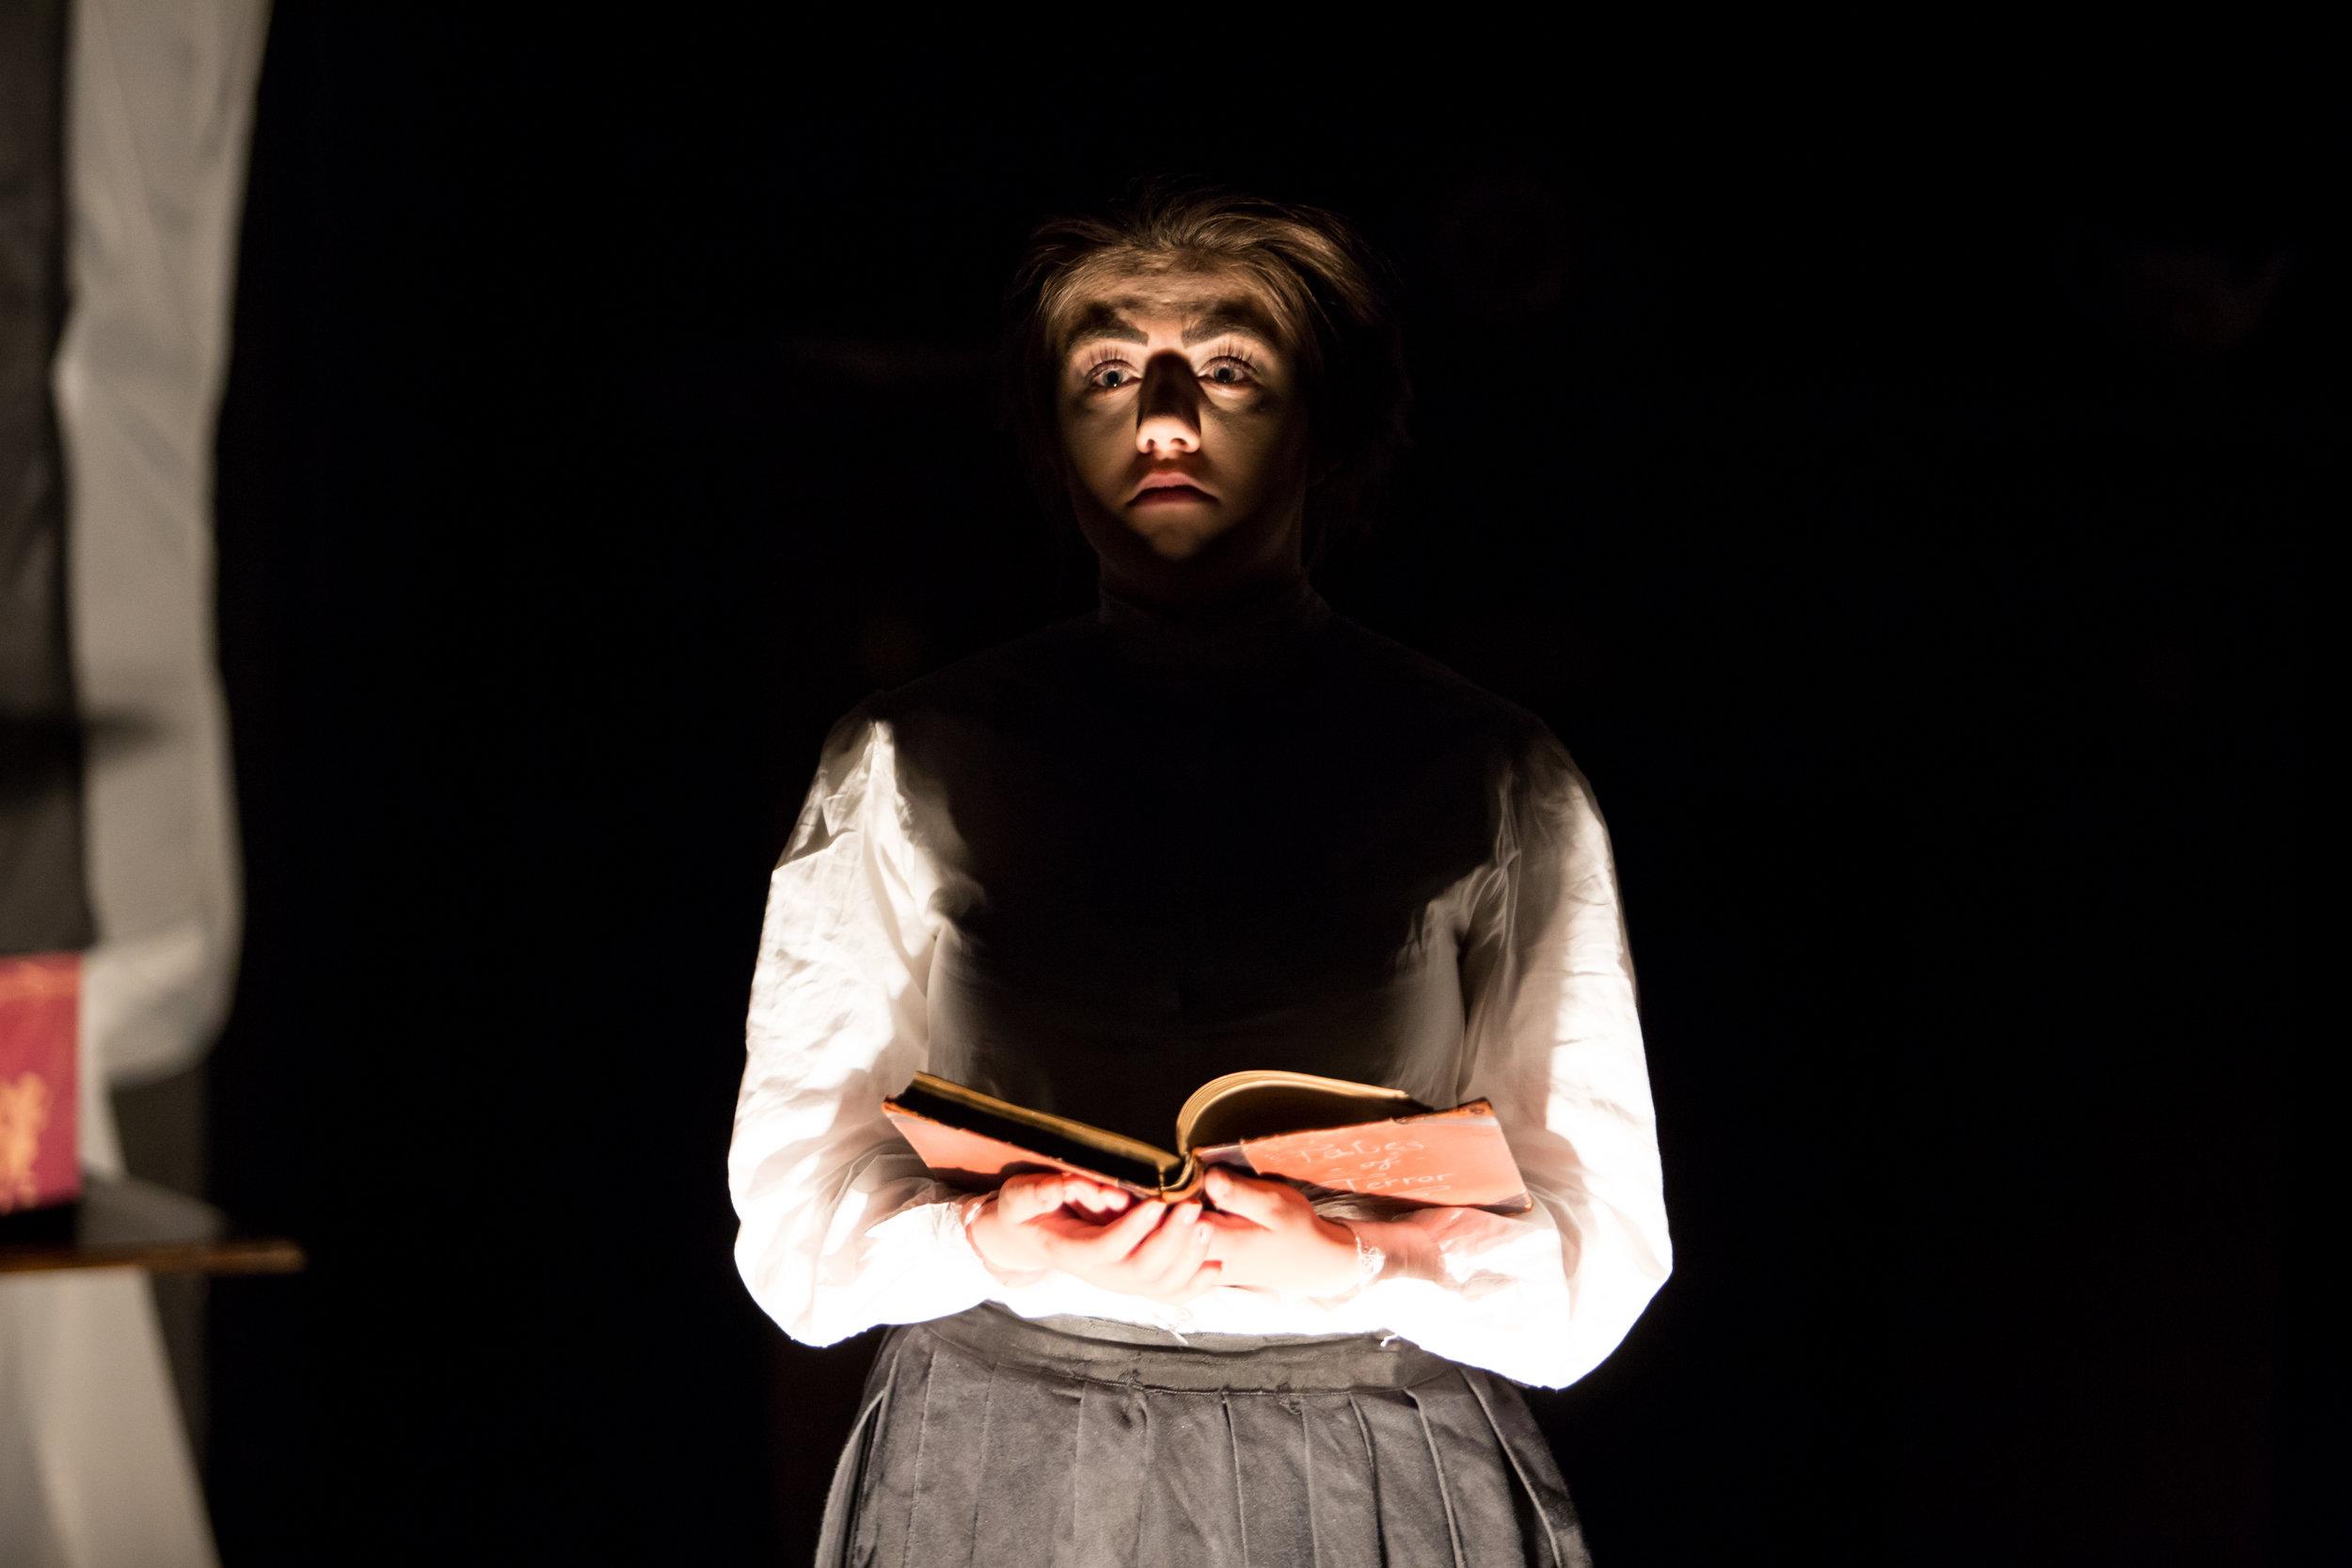 Edith in the dark_edit-10.jpg